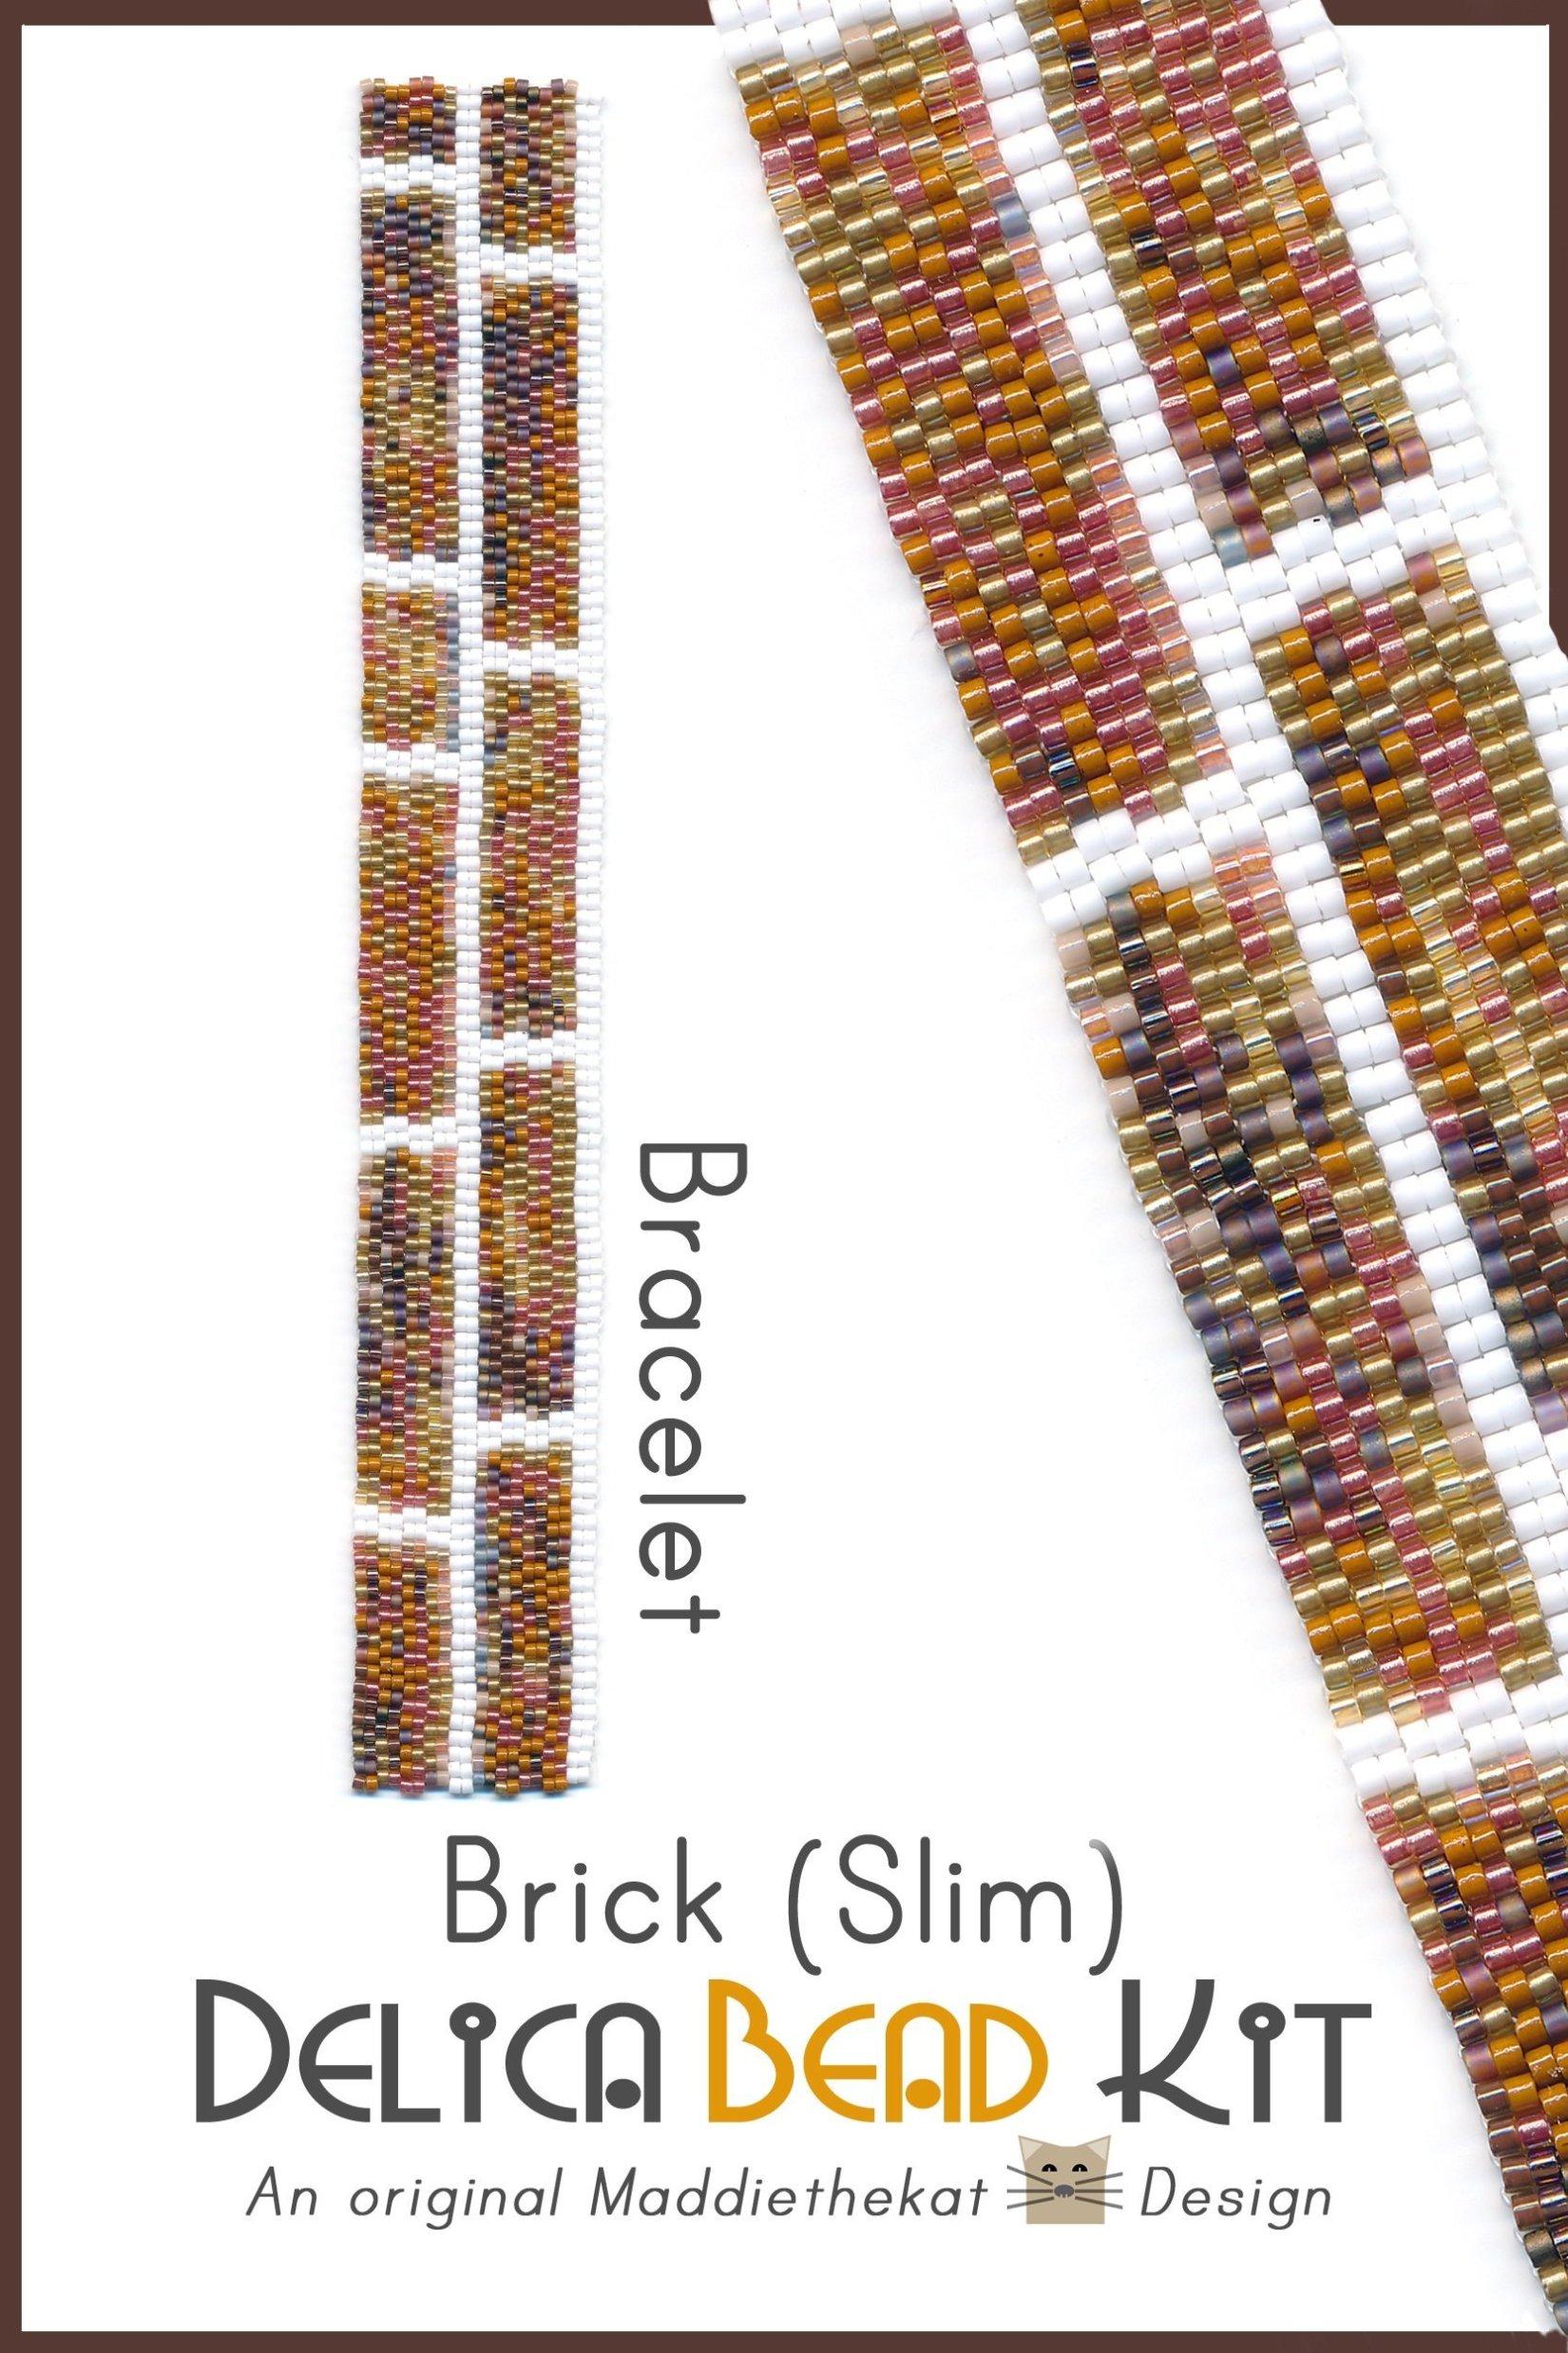 Brick Wall Slim Bracelet 2-Drop Peyote Bead Pattern or Bead Kit